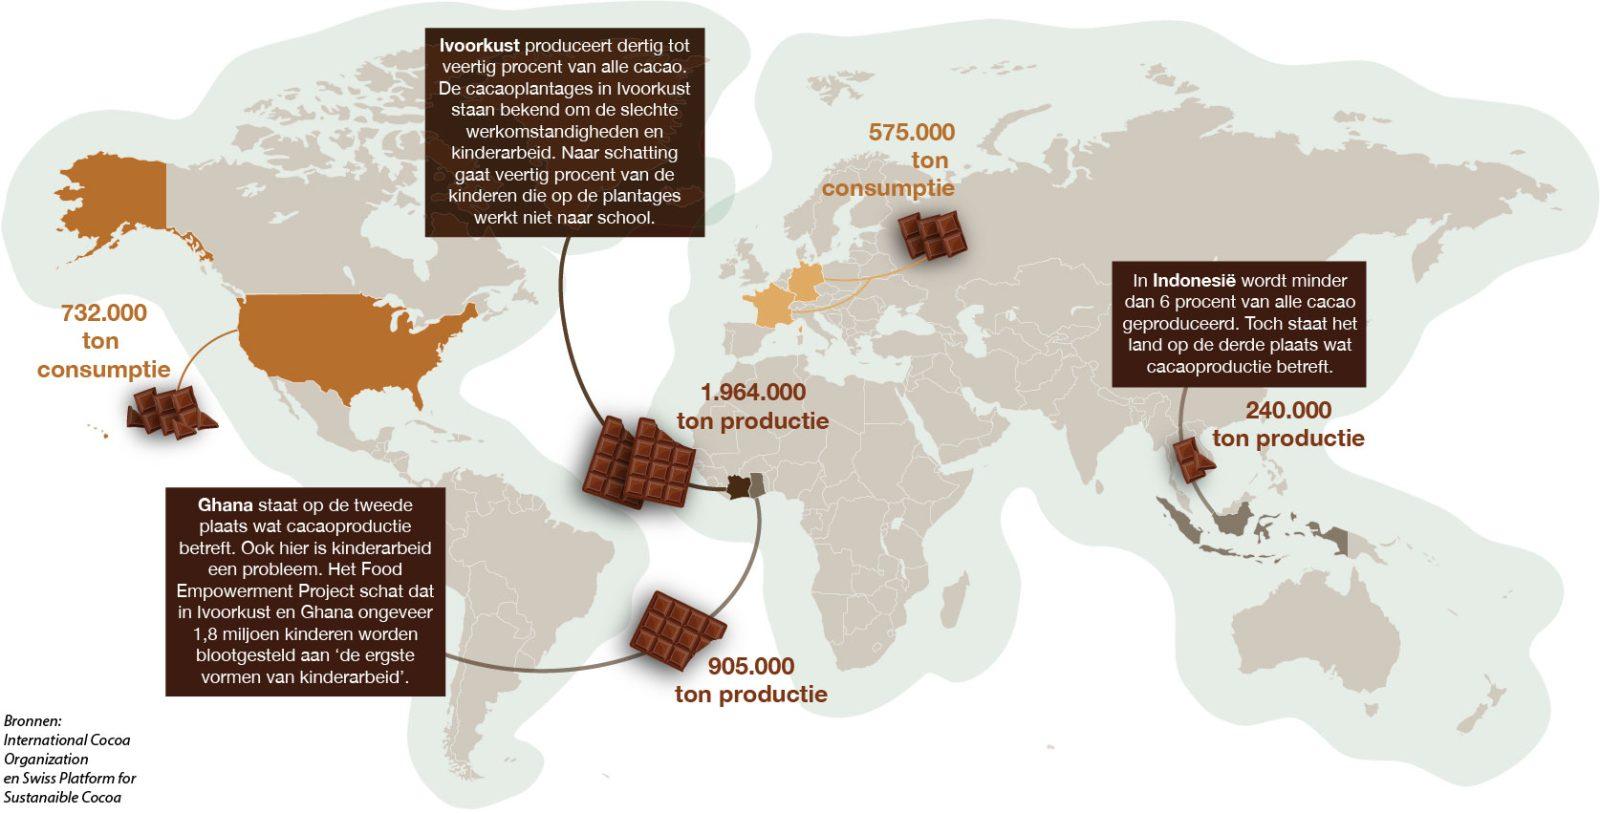 infographic 01_cacao wereldkaart_met tekst